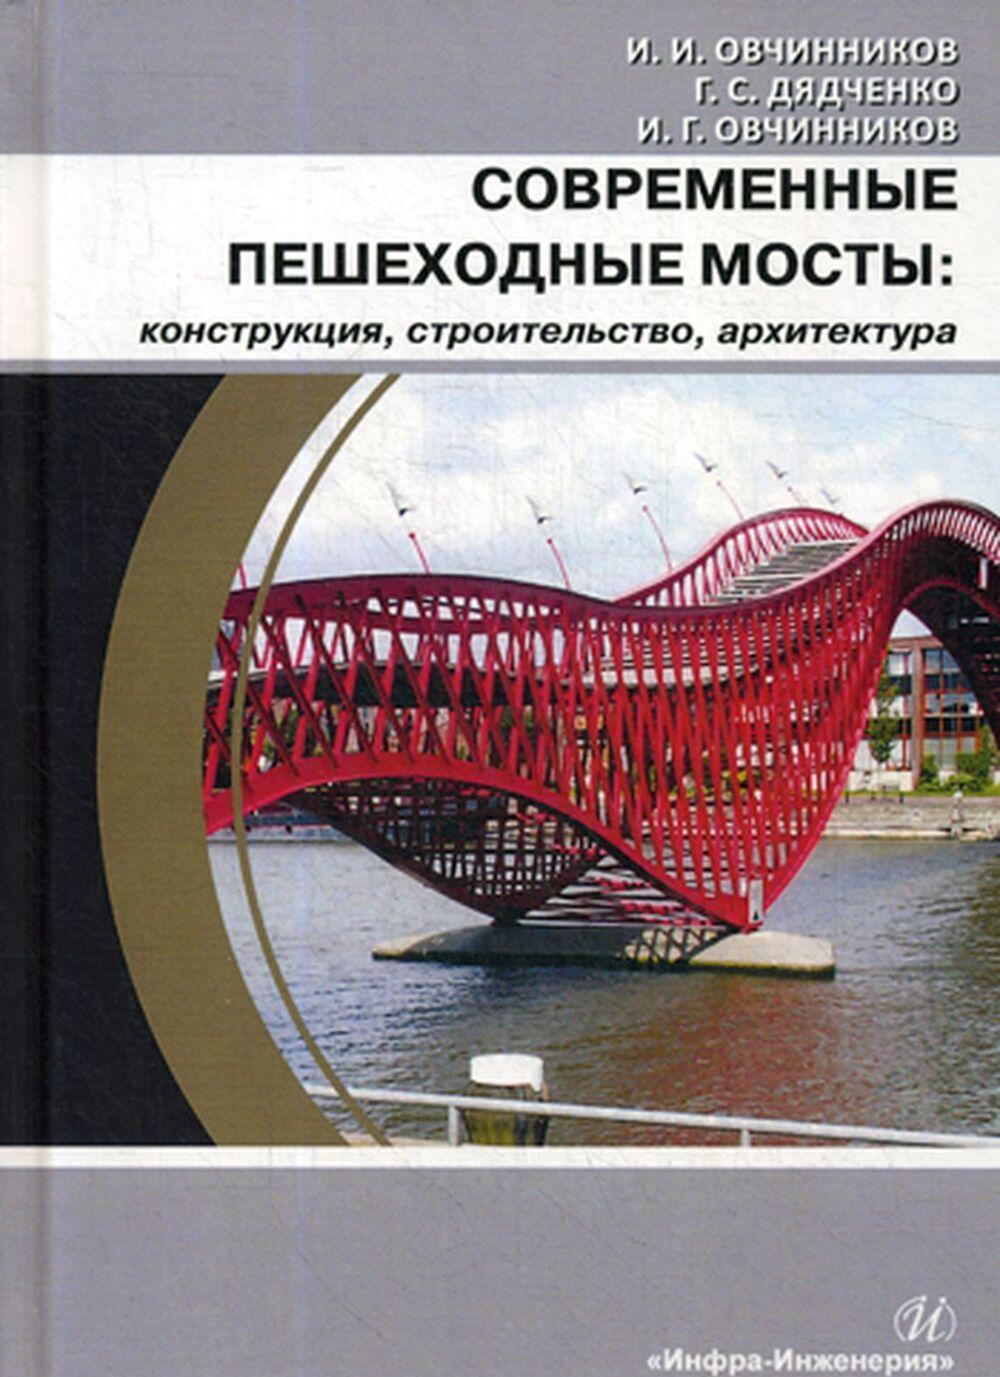 Sovremennye peshekhodnye mosty. konstruktsija, stroitelstvo, arkhitektura. Uchebnoe posobie